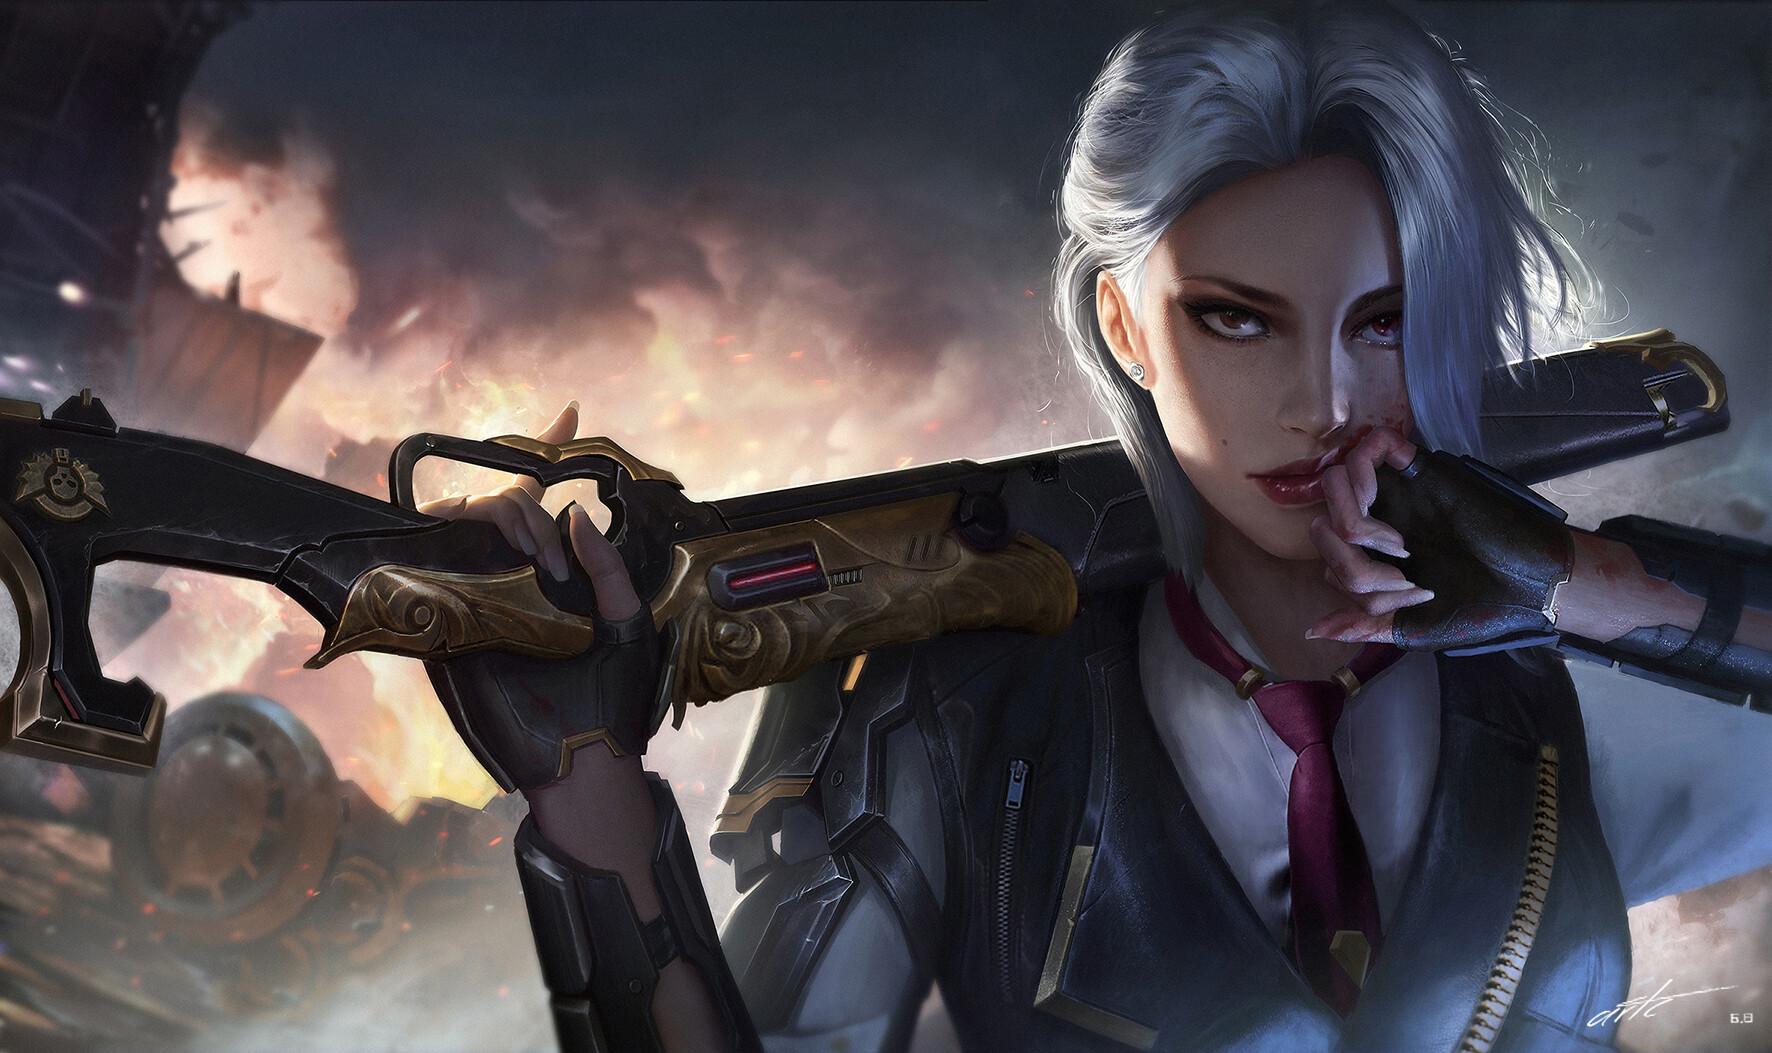 ArtStation Ashe, c w Overwatch, Overwatch fan art